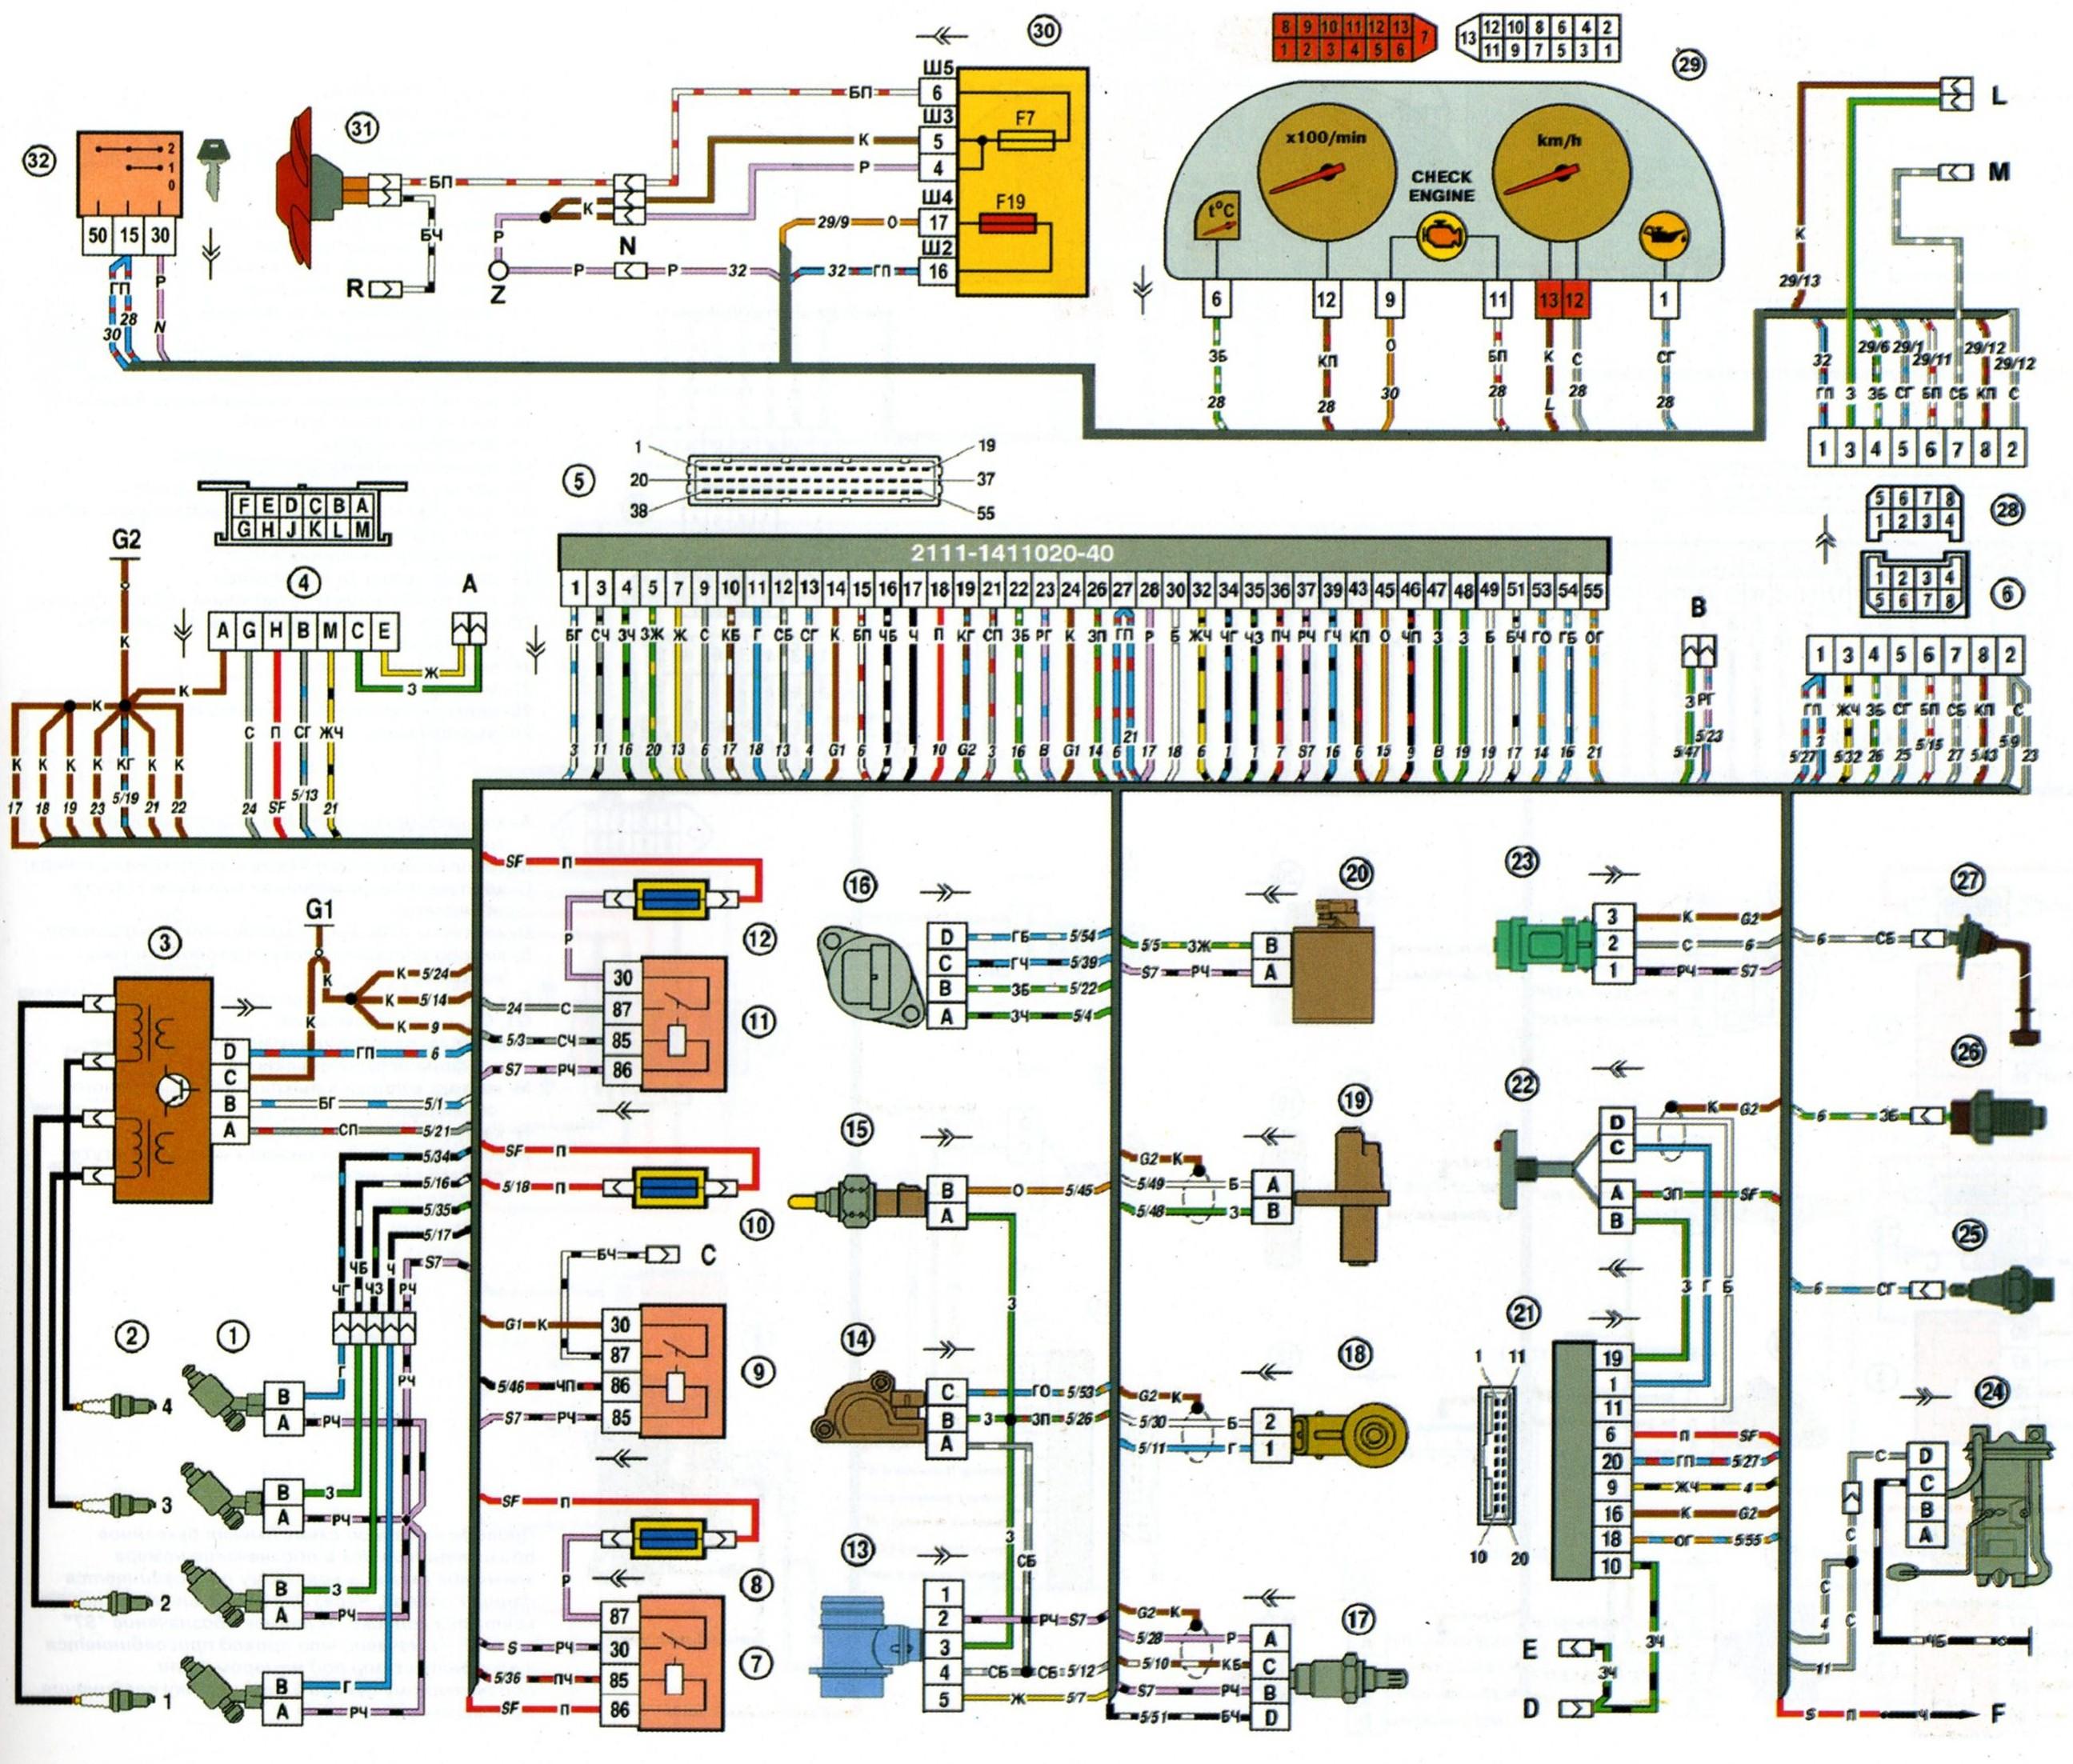 Схема электрических соединений ЭСУД ЕВРО-2 Bosch MP7.0 ВАЗ-21214 с двигателем 21214.